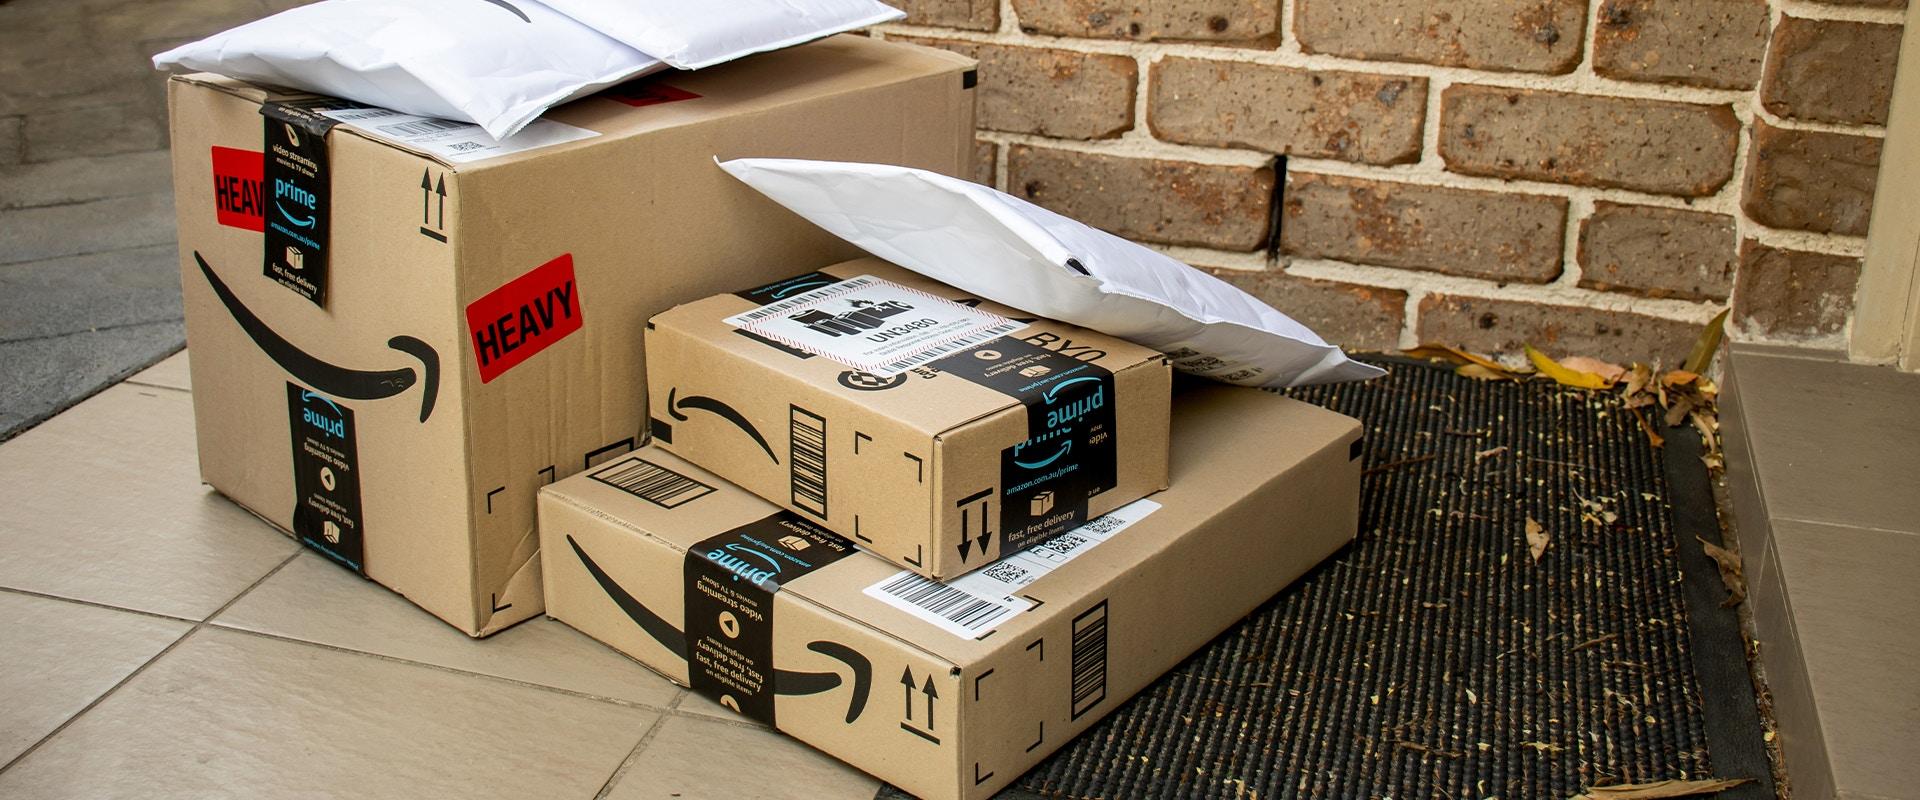 Amazon Pakete vor einer Haustür